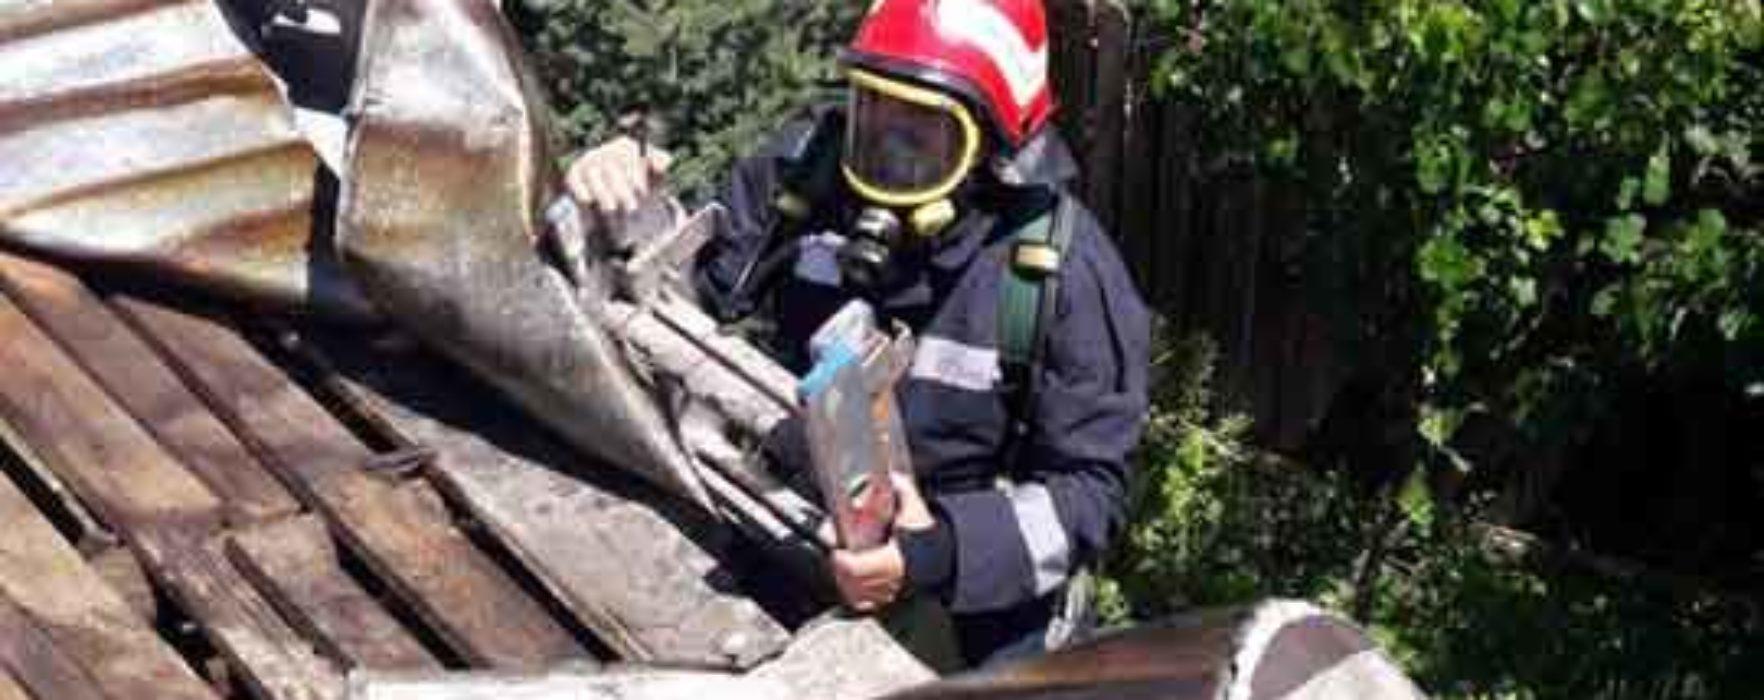 Dâmboviţa: Copil de patru luni, decedat într-un incendiu în locuinţă